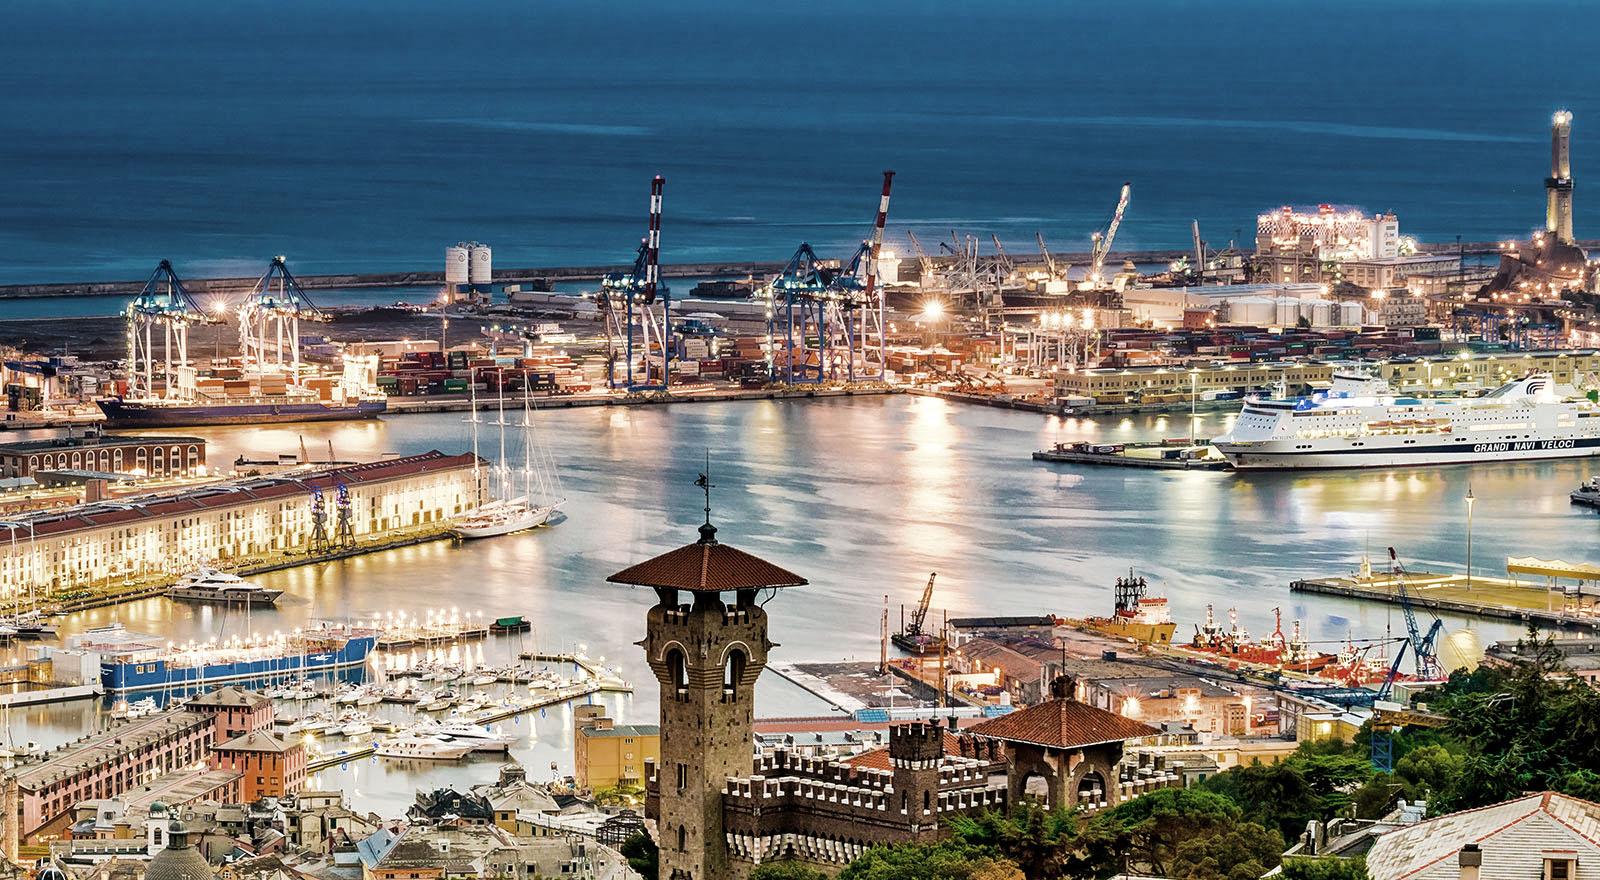 offerte hotel vicino acquario di genova - offerte hotel genova ... - Pacchetti Soggiorno Acquario Di Genova